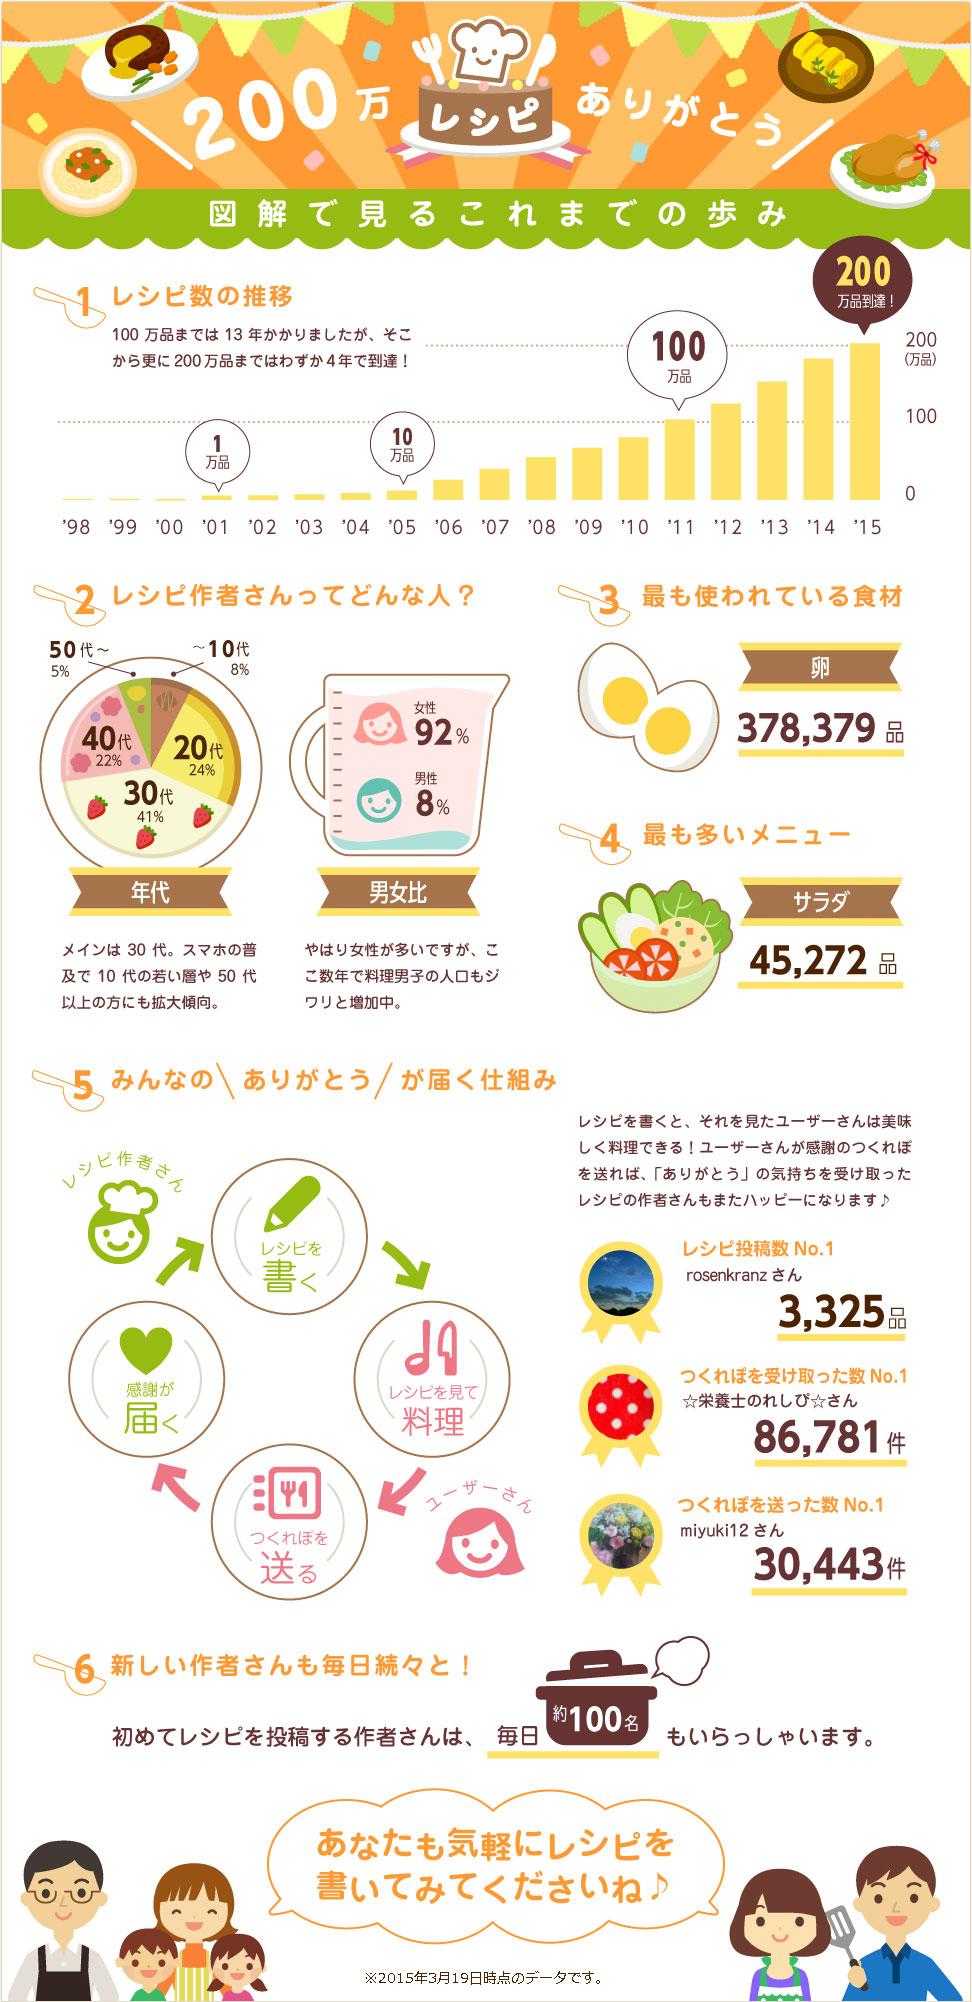 インフォグラフィック:クックパッド閲覧人気No.1レシピは?まさかのあのレシピ